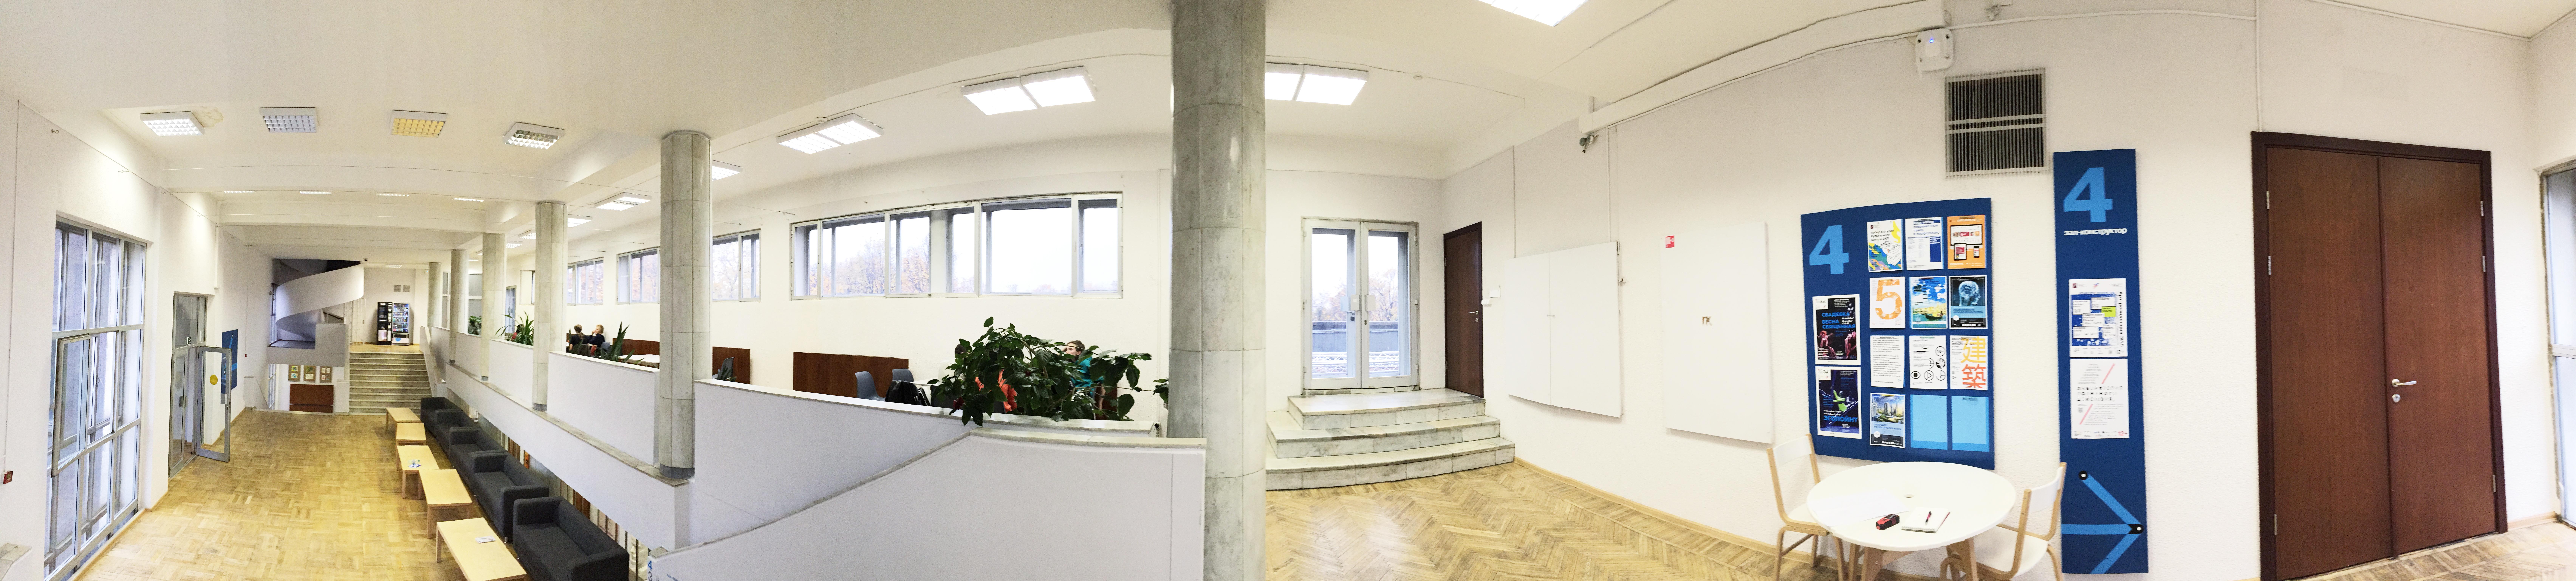 Панорама помещения